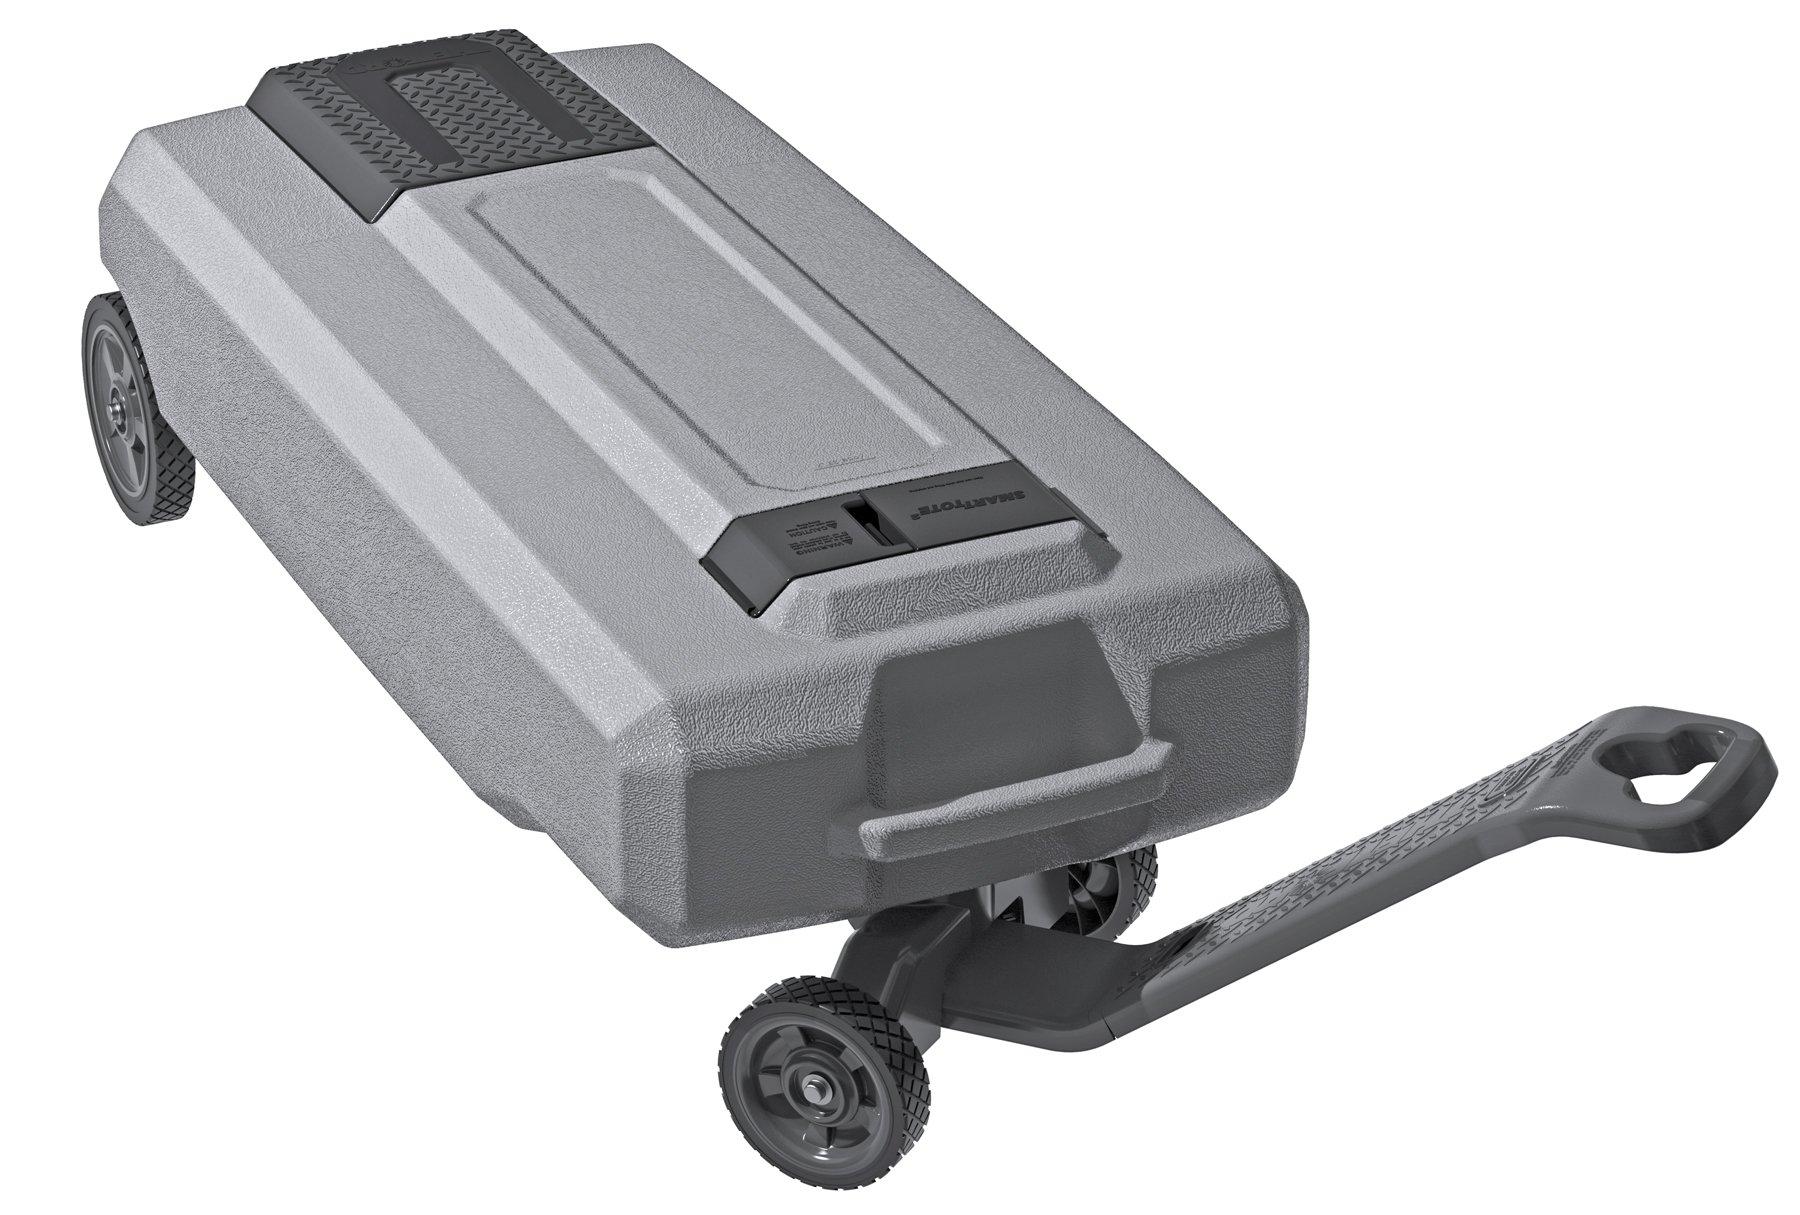 SmartTote2 RV Portable Waste Tote Tank - 4 Wheels - 35 Gallon - Thetford 40519 by SmartTote2 (Image #1)